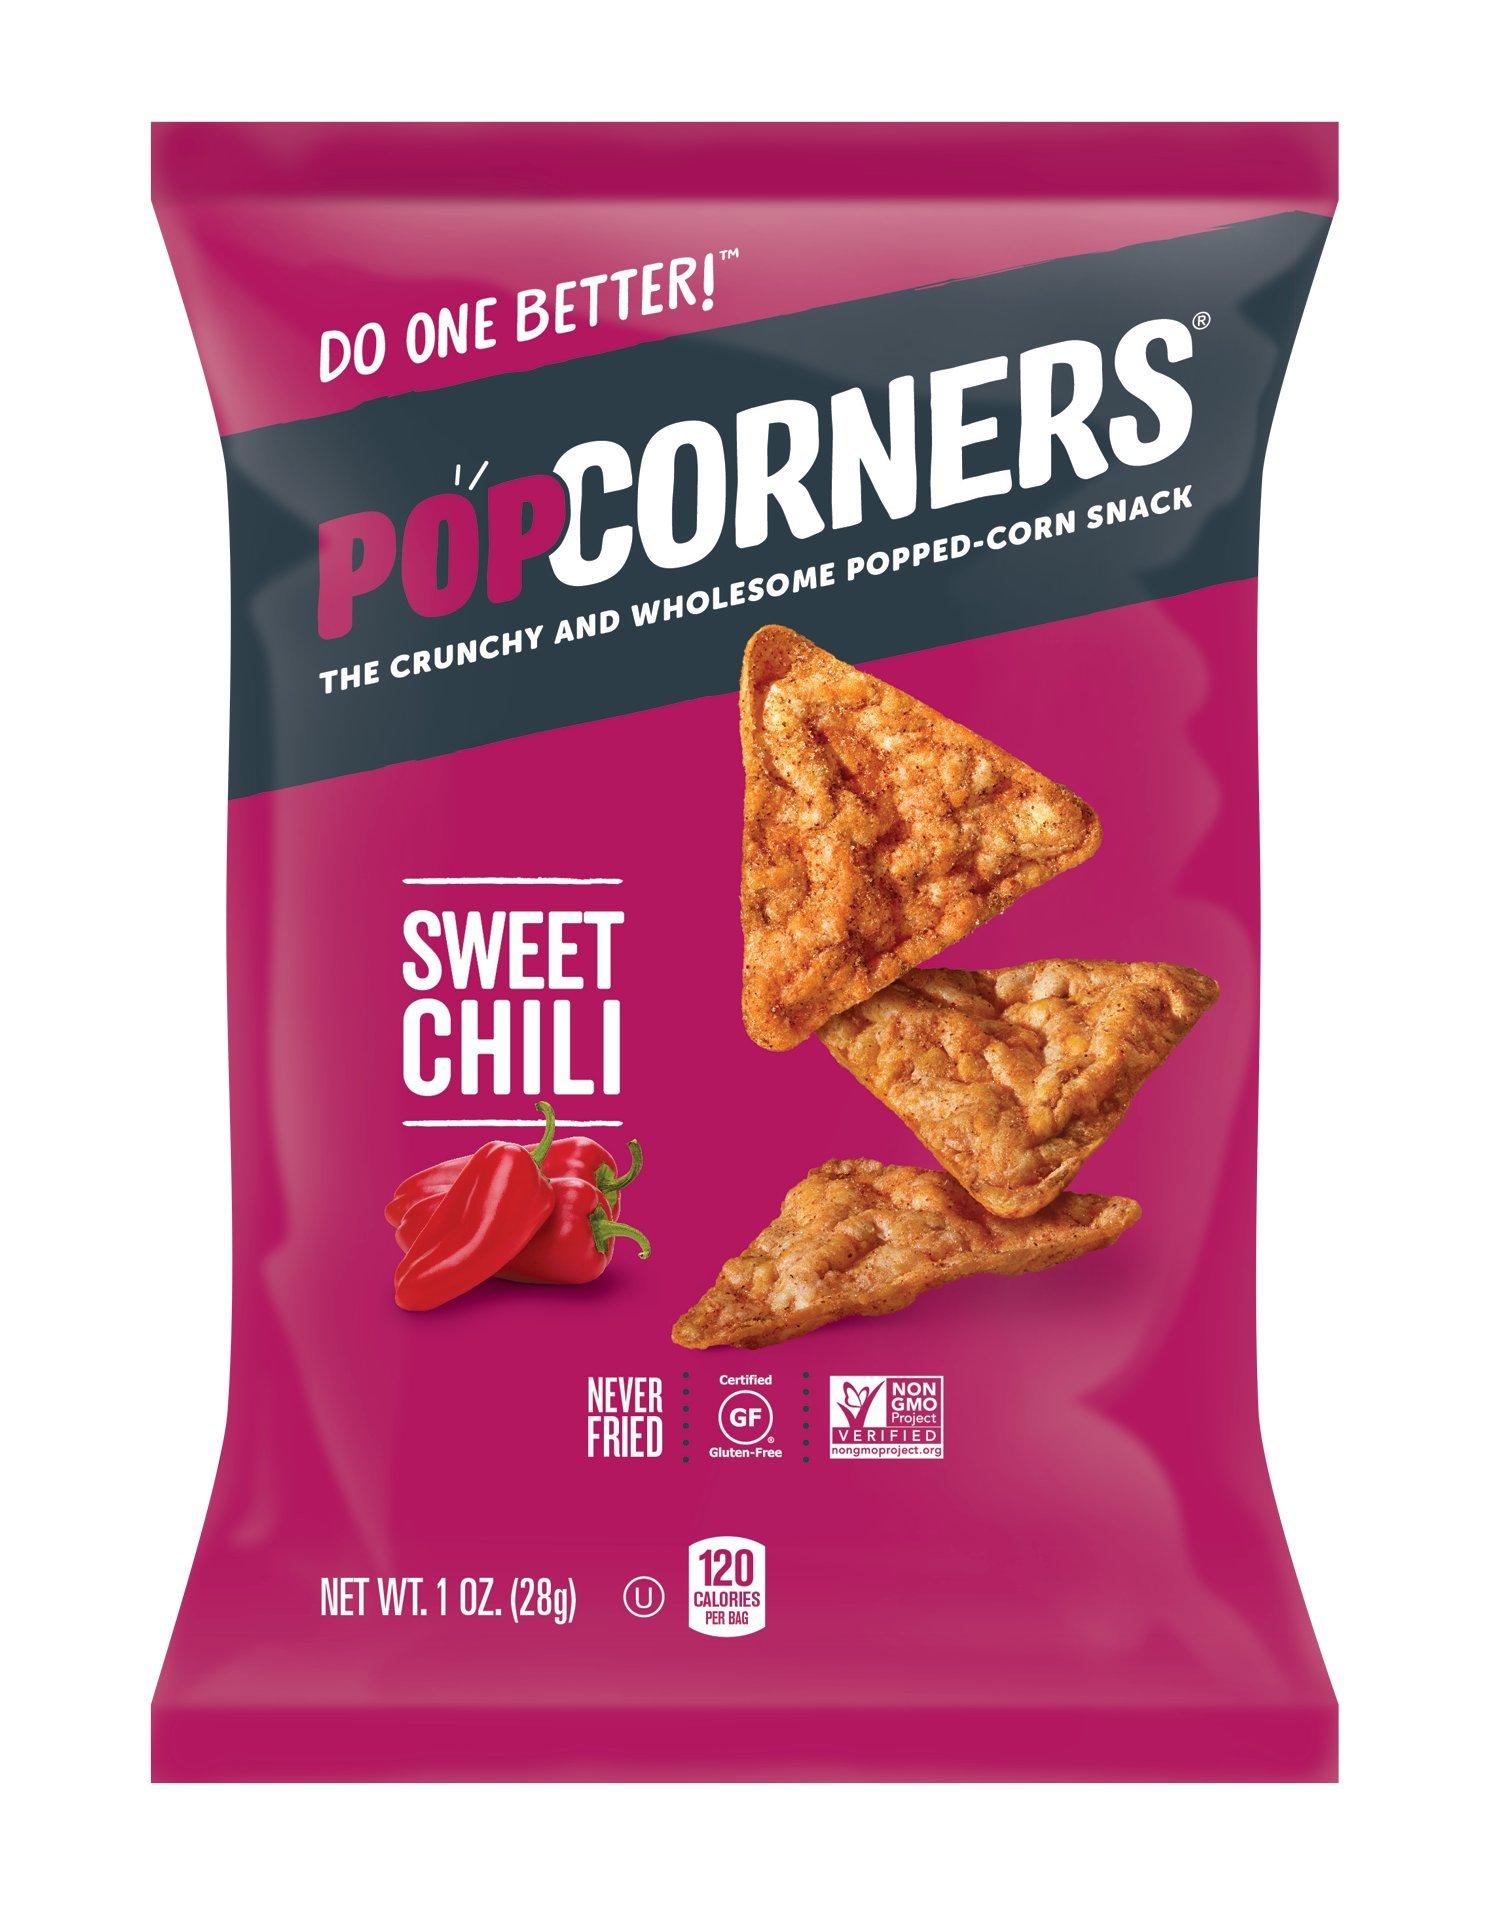 PopCorners Sweet Chili Snack Pack | Gluten Free, Vegan Snack | (40 Pack, 1 oz Snack Bags) by Popcorners